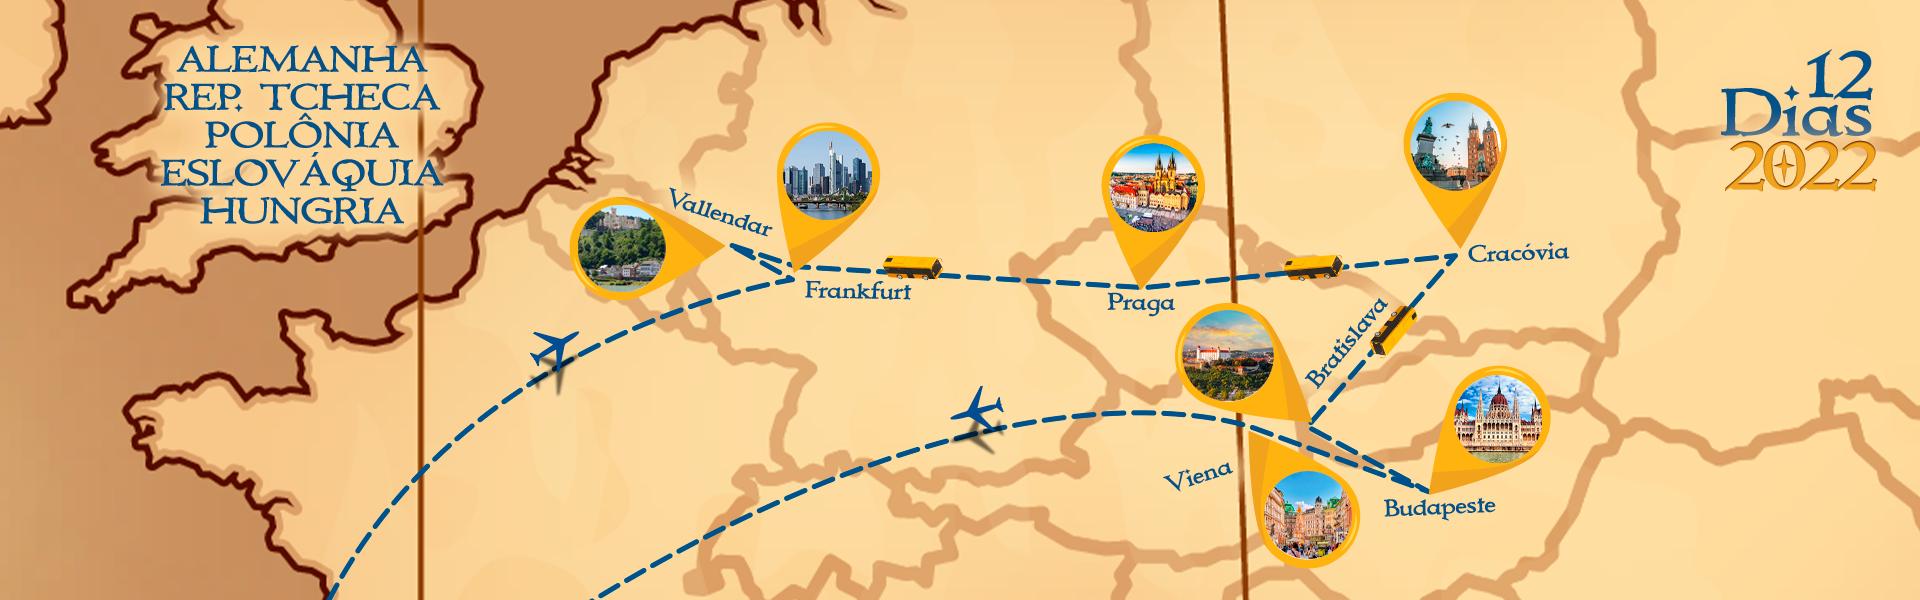 Roteiro de Alemanha, Rep. Tcheca, Polônia, Eslováquia e Hungria